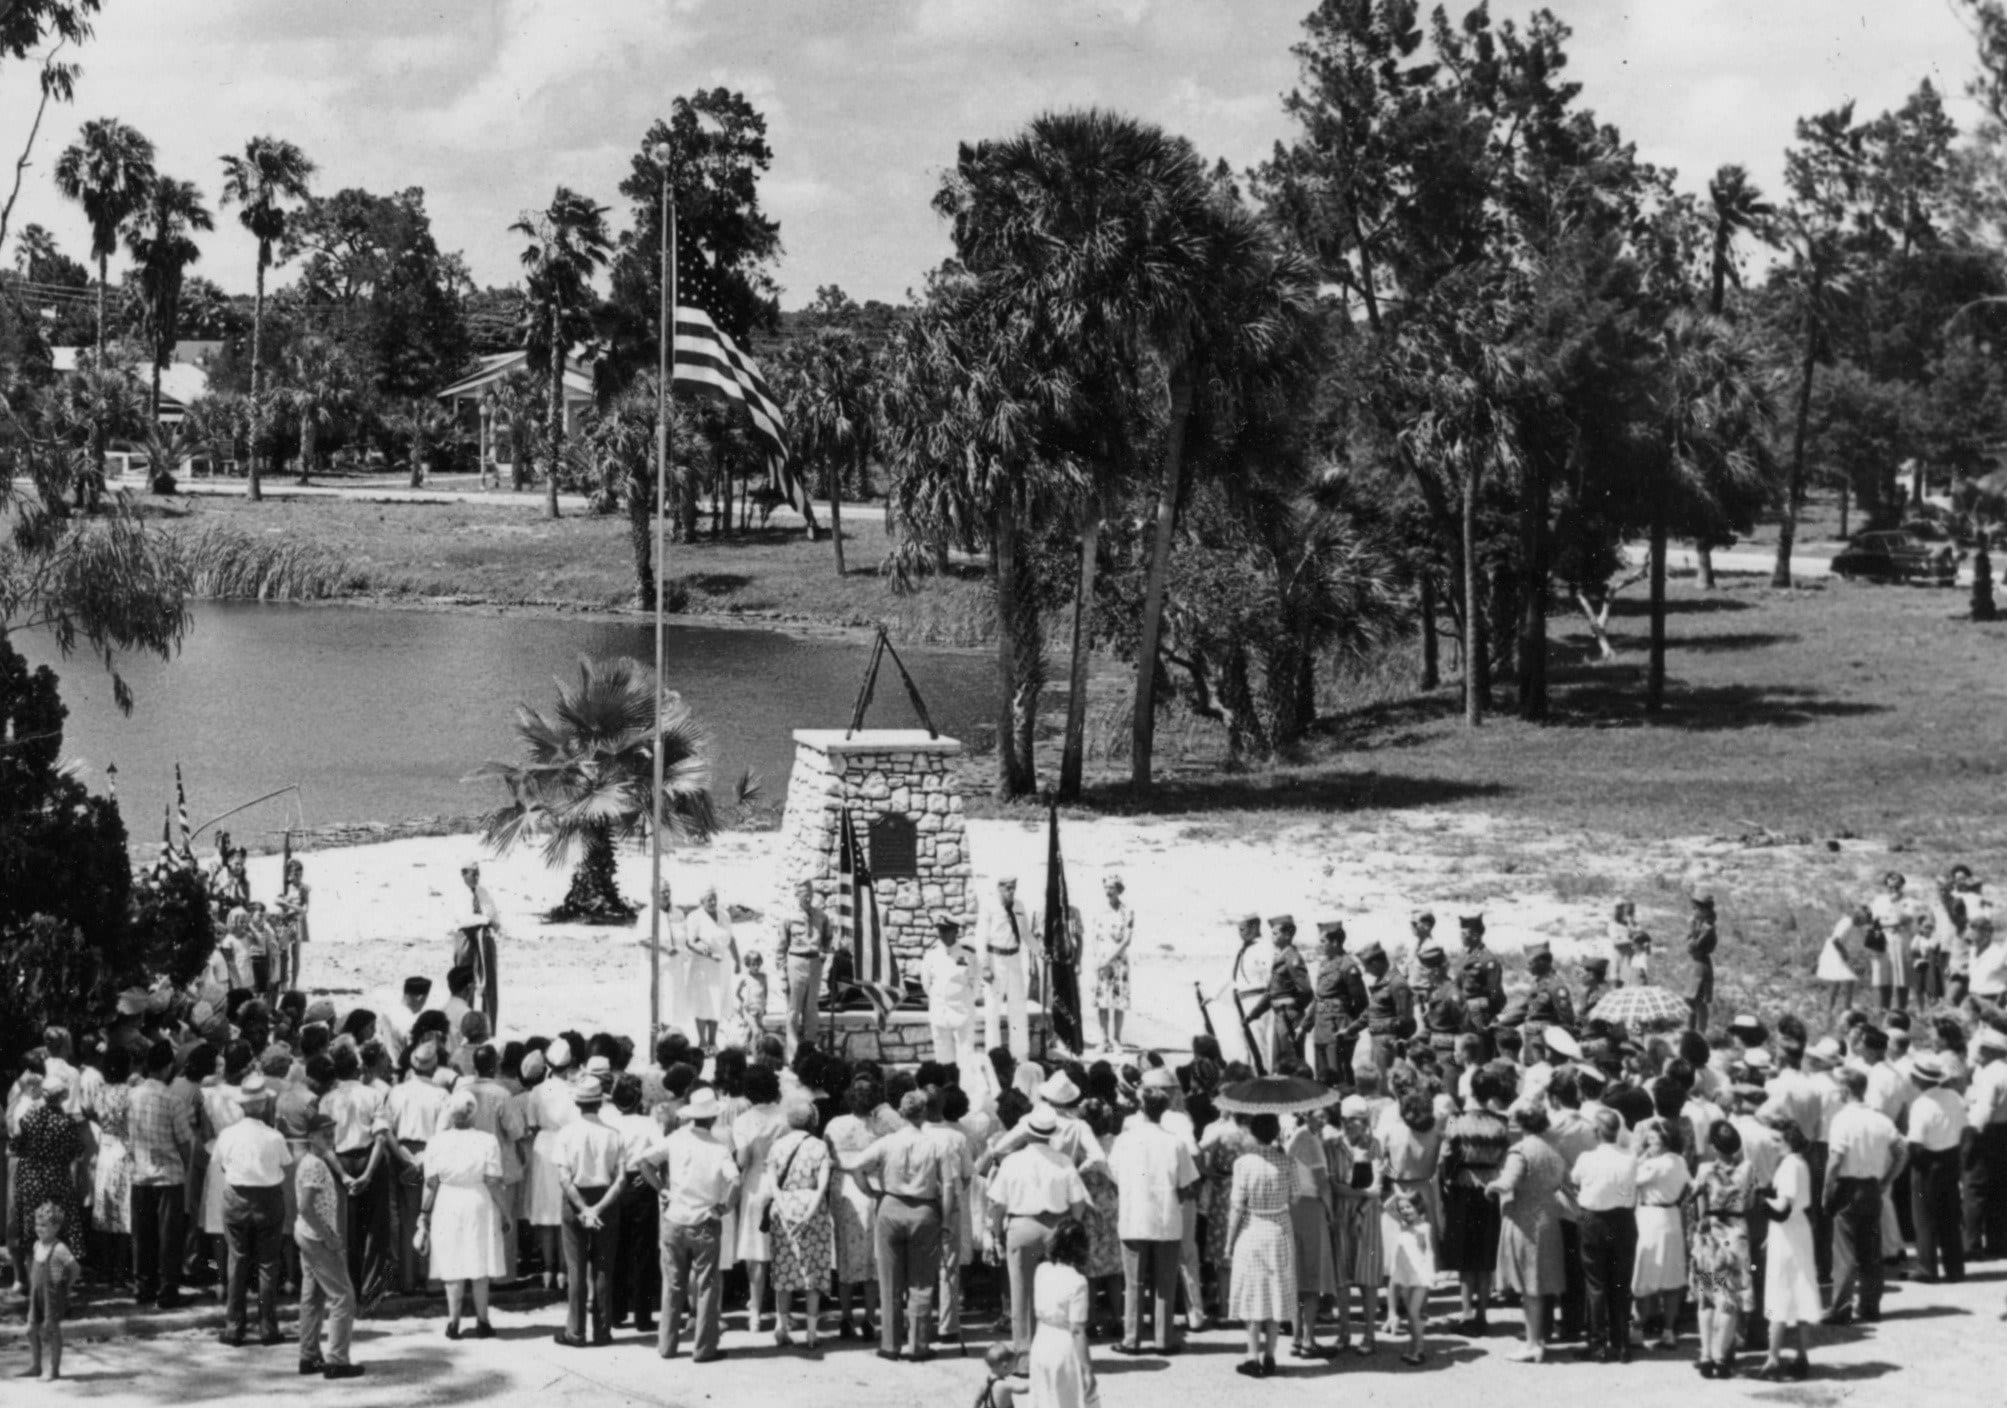 rededication of veterans memorial at orange lake